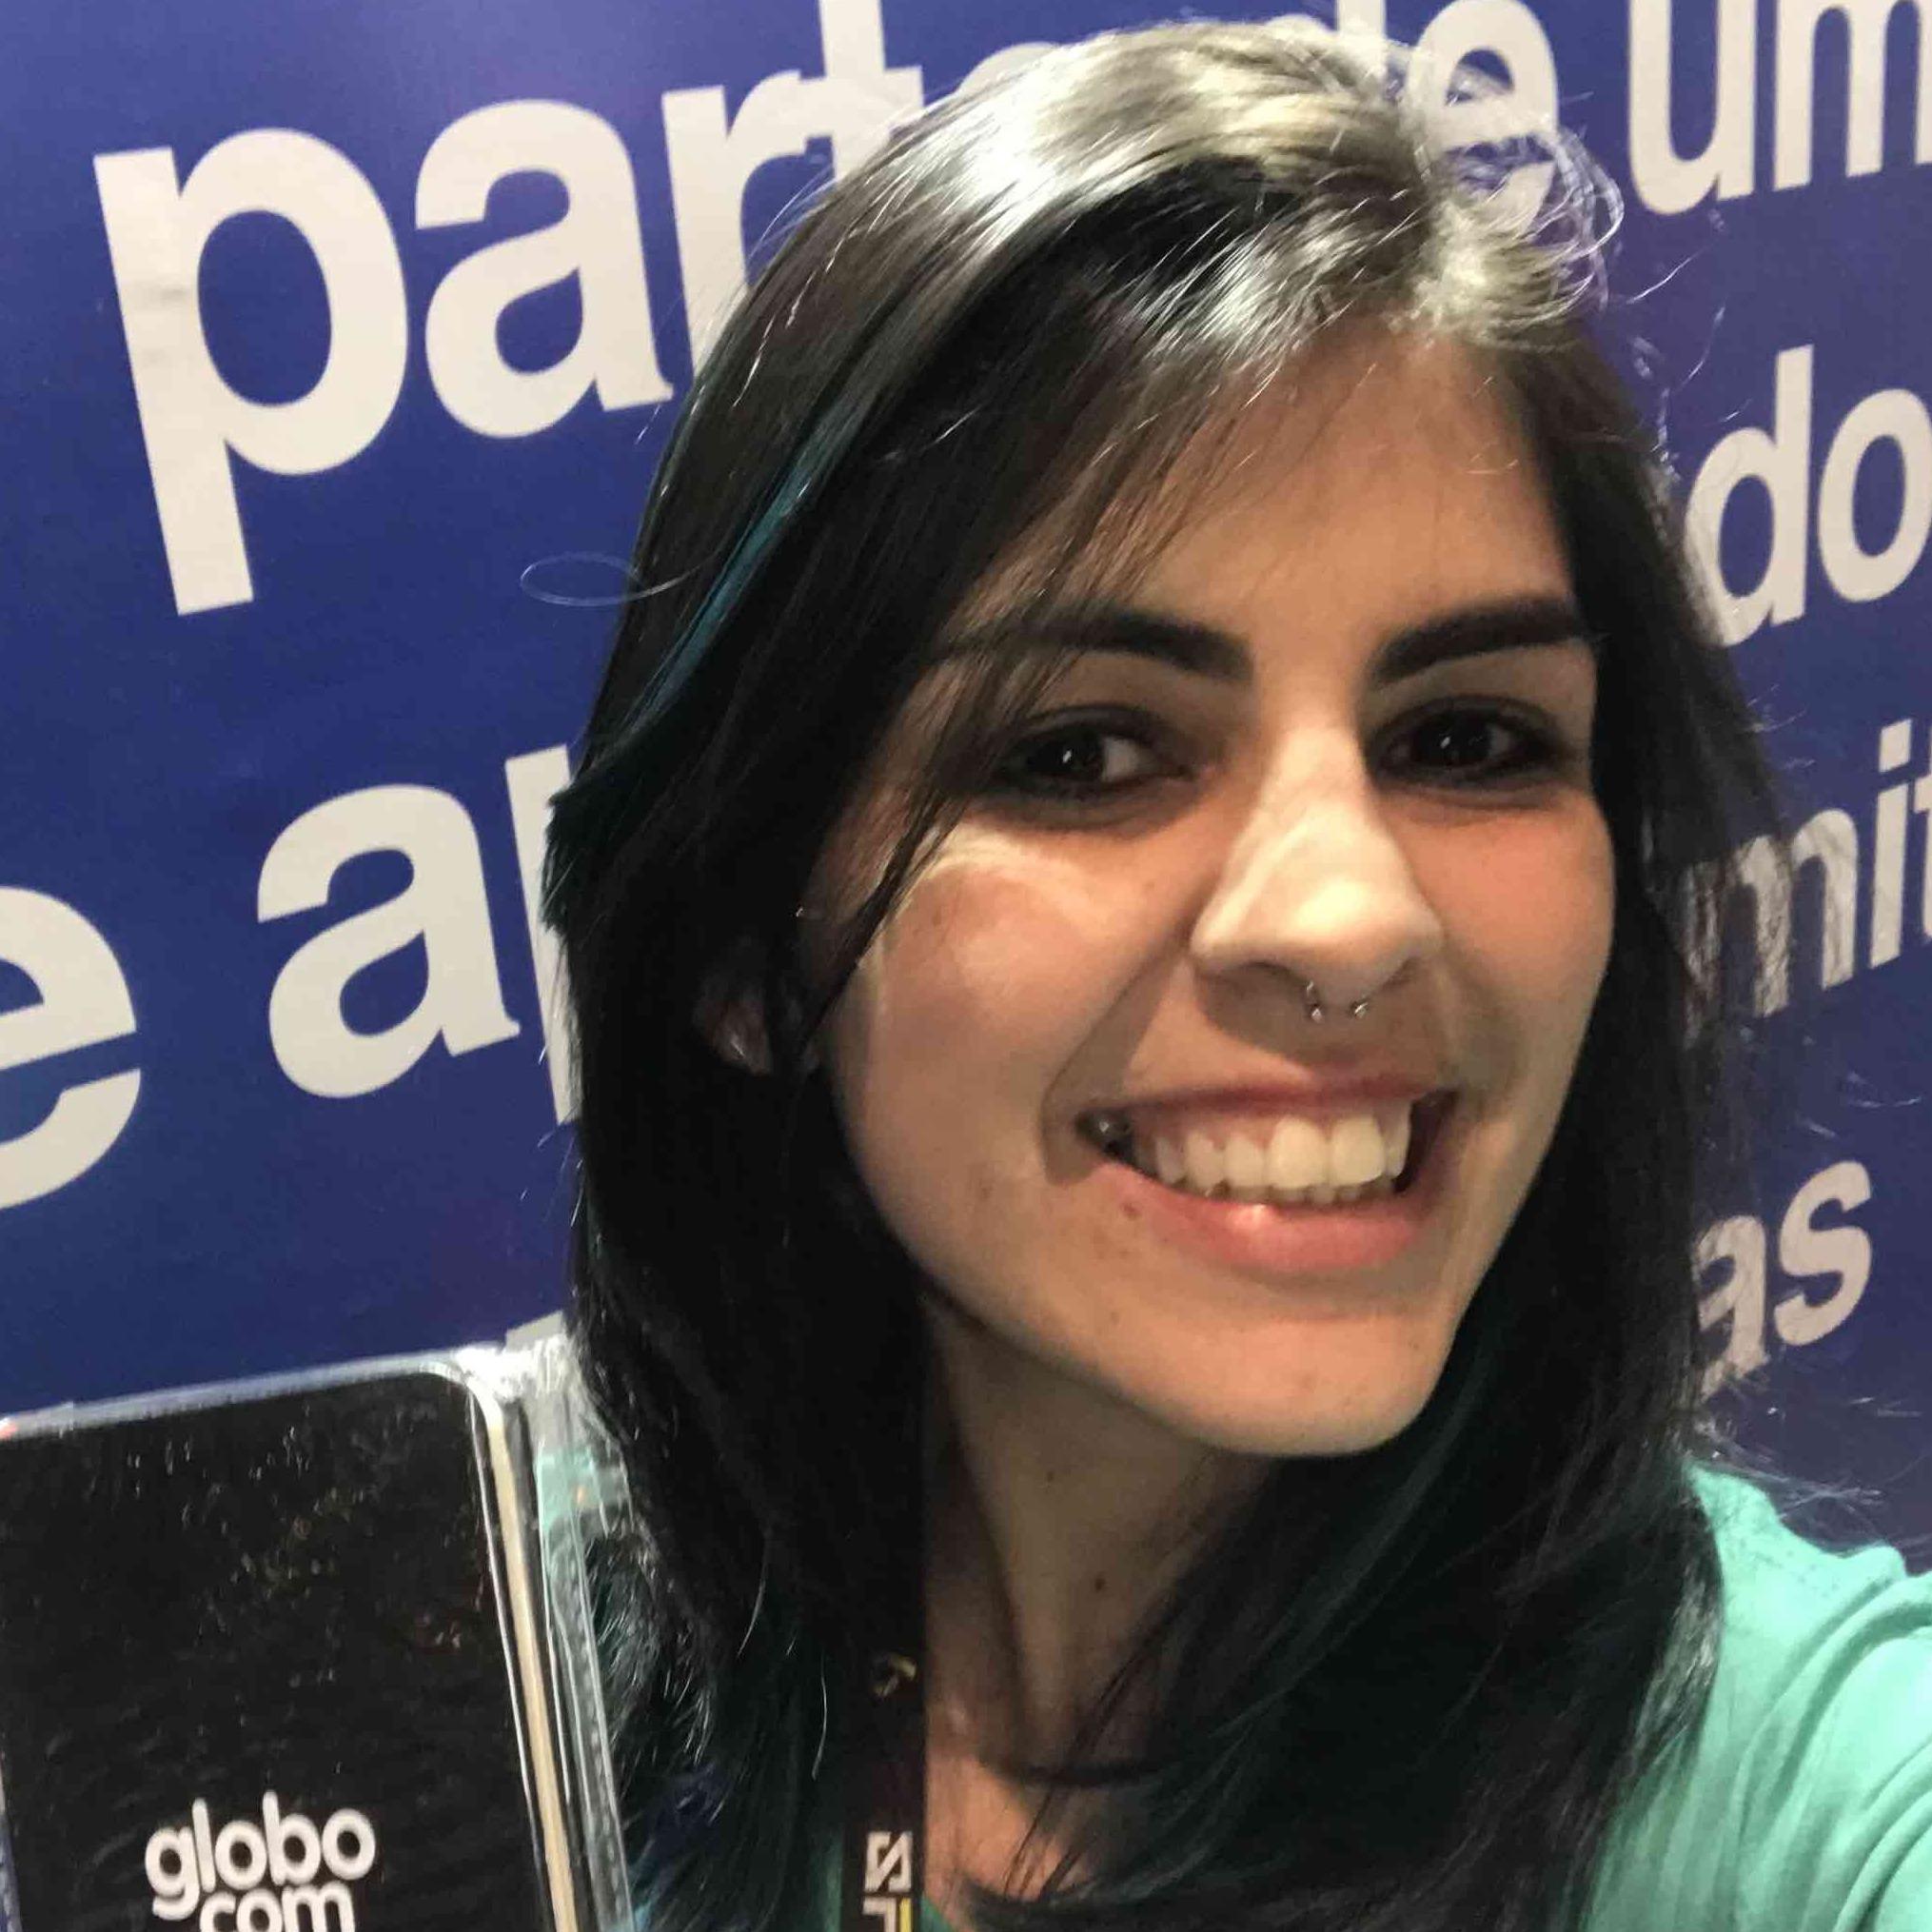 Amanda Nery